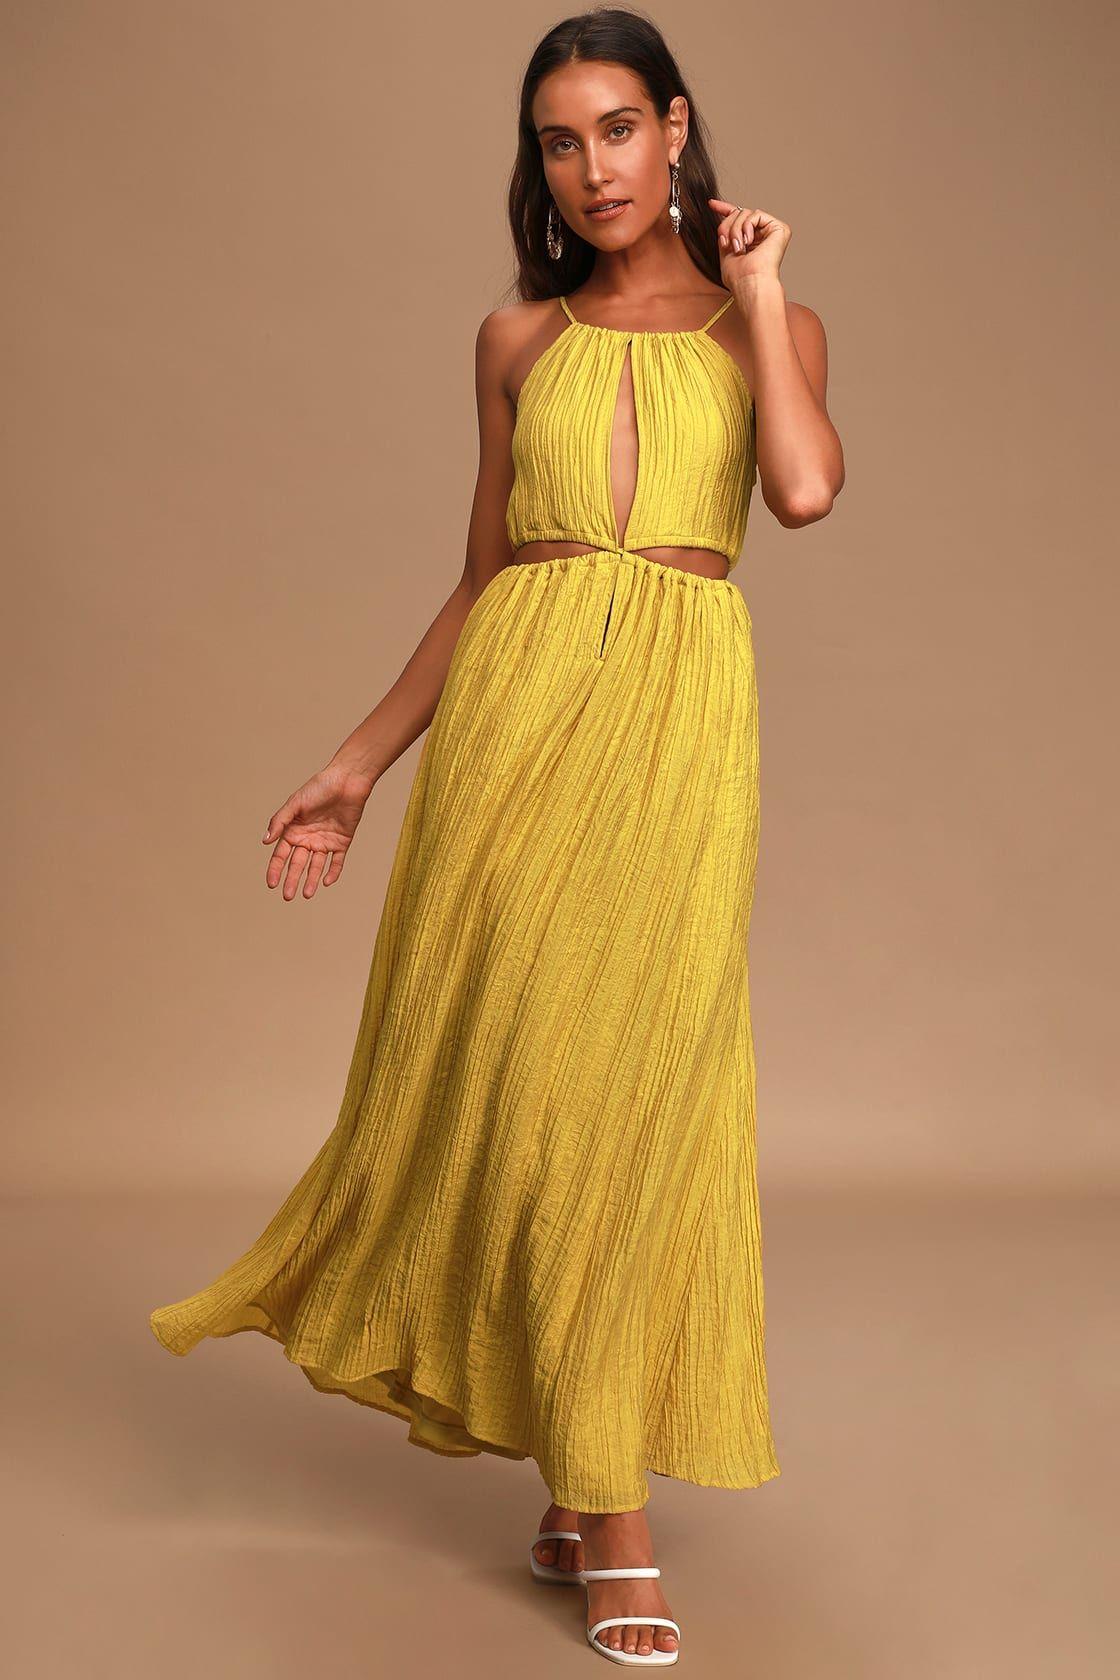 Streamlined Style Mustard Yellow Tie Back Cutout Maxi Dress Cutout Maxi Dress Maxi Dress Women Dress Online [ 1680 x 1120 Pixel ]